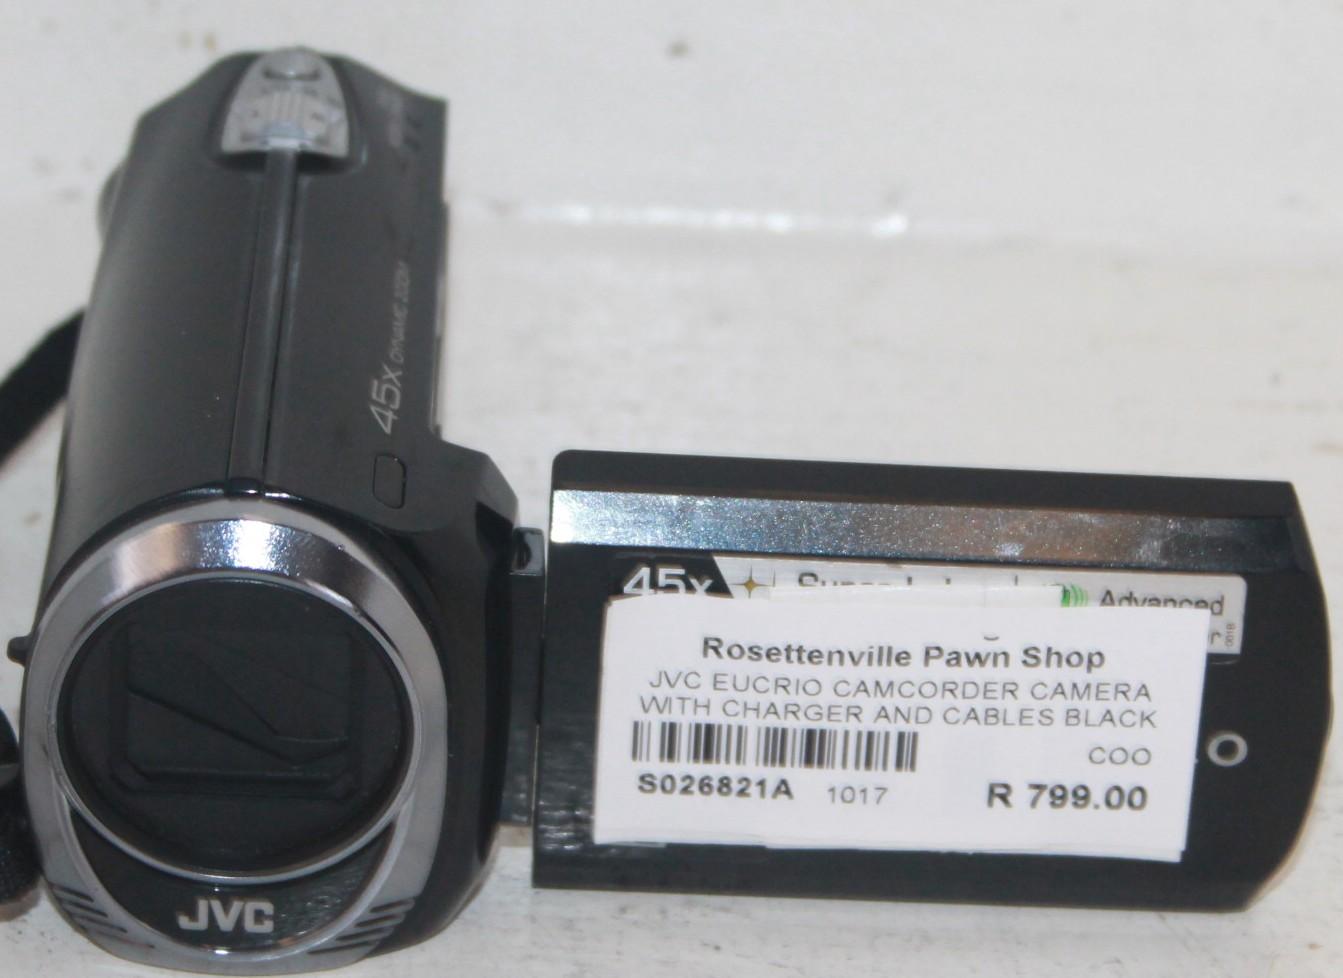 JVC camcorder S026821a #Rosettenvillepawnshop